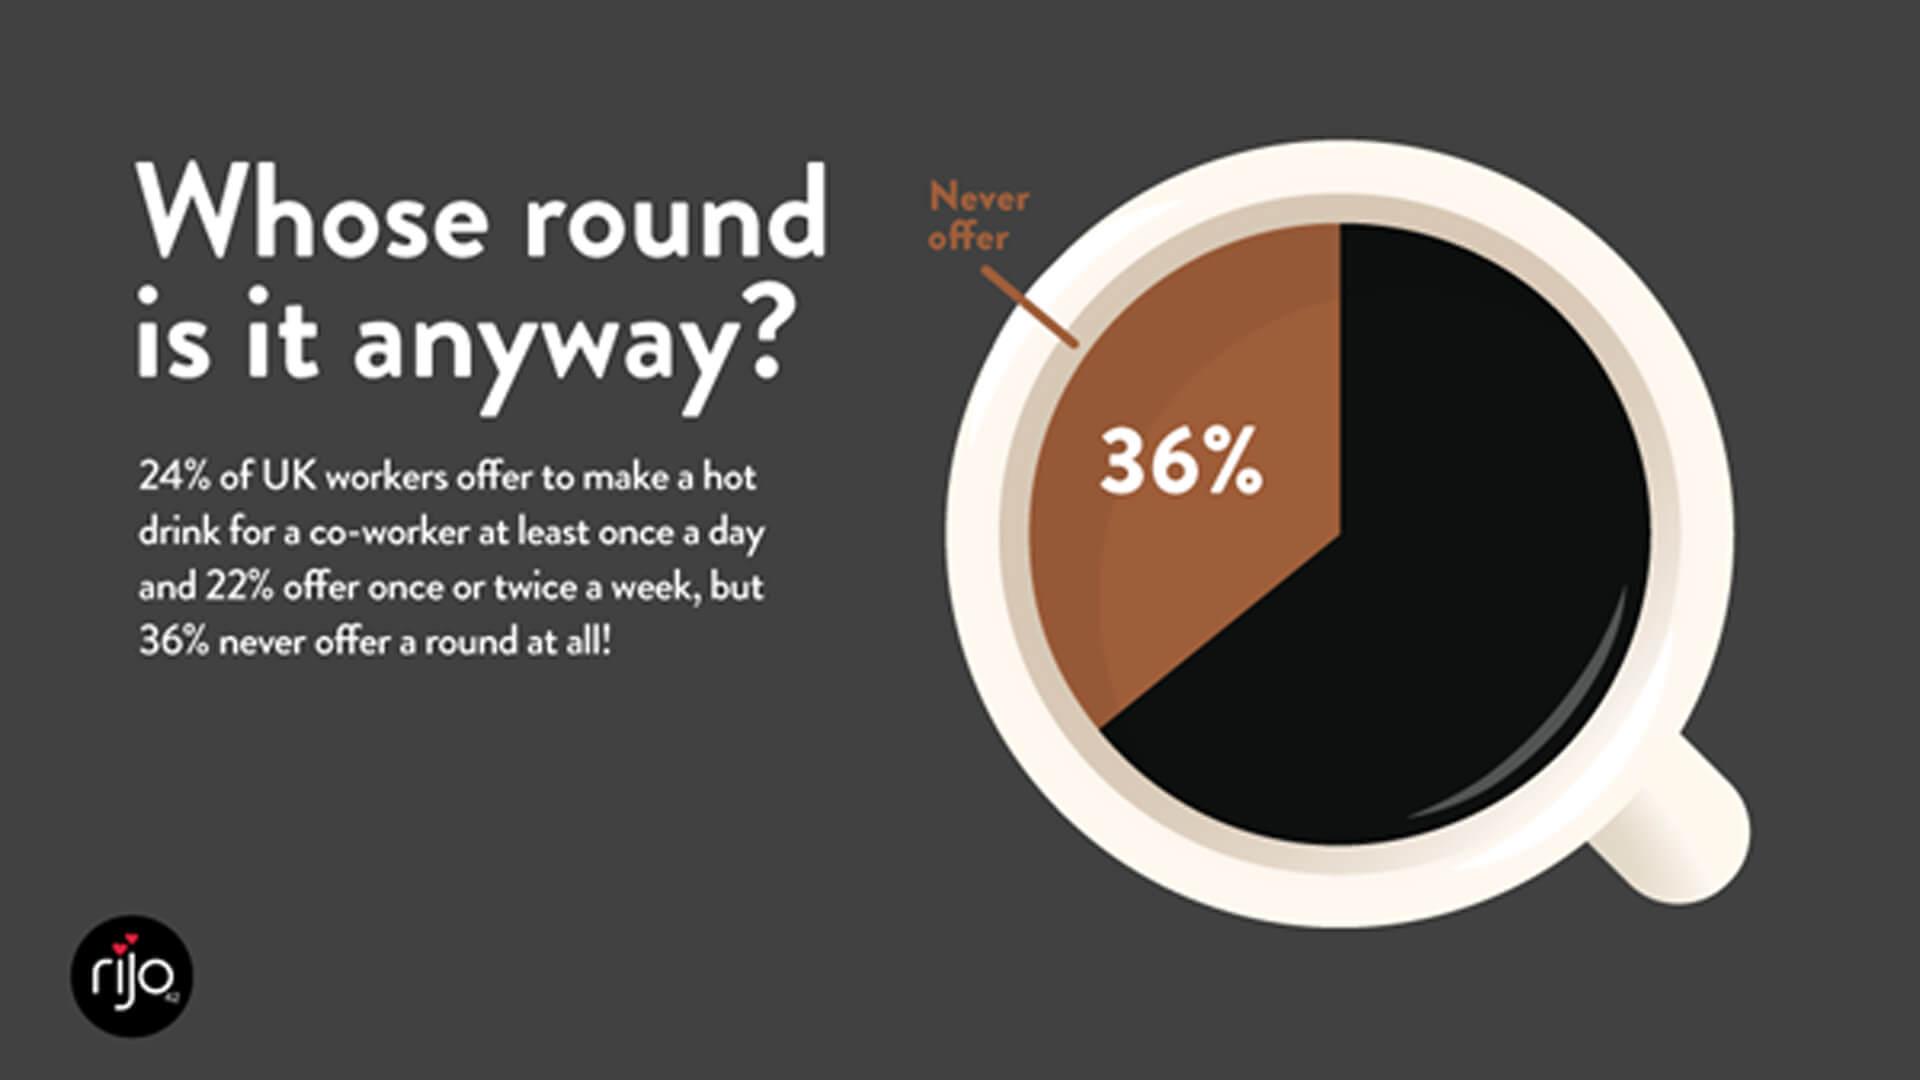 Whose round